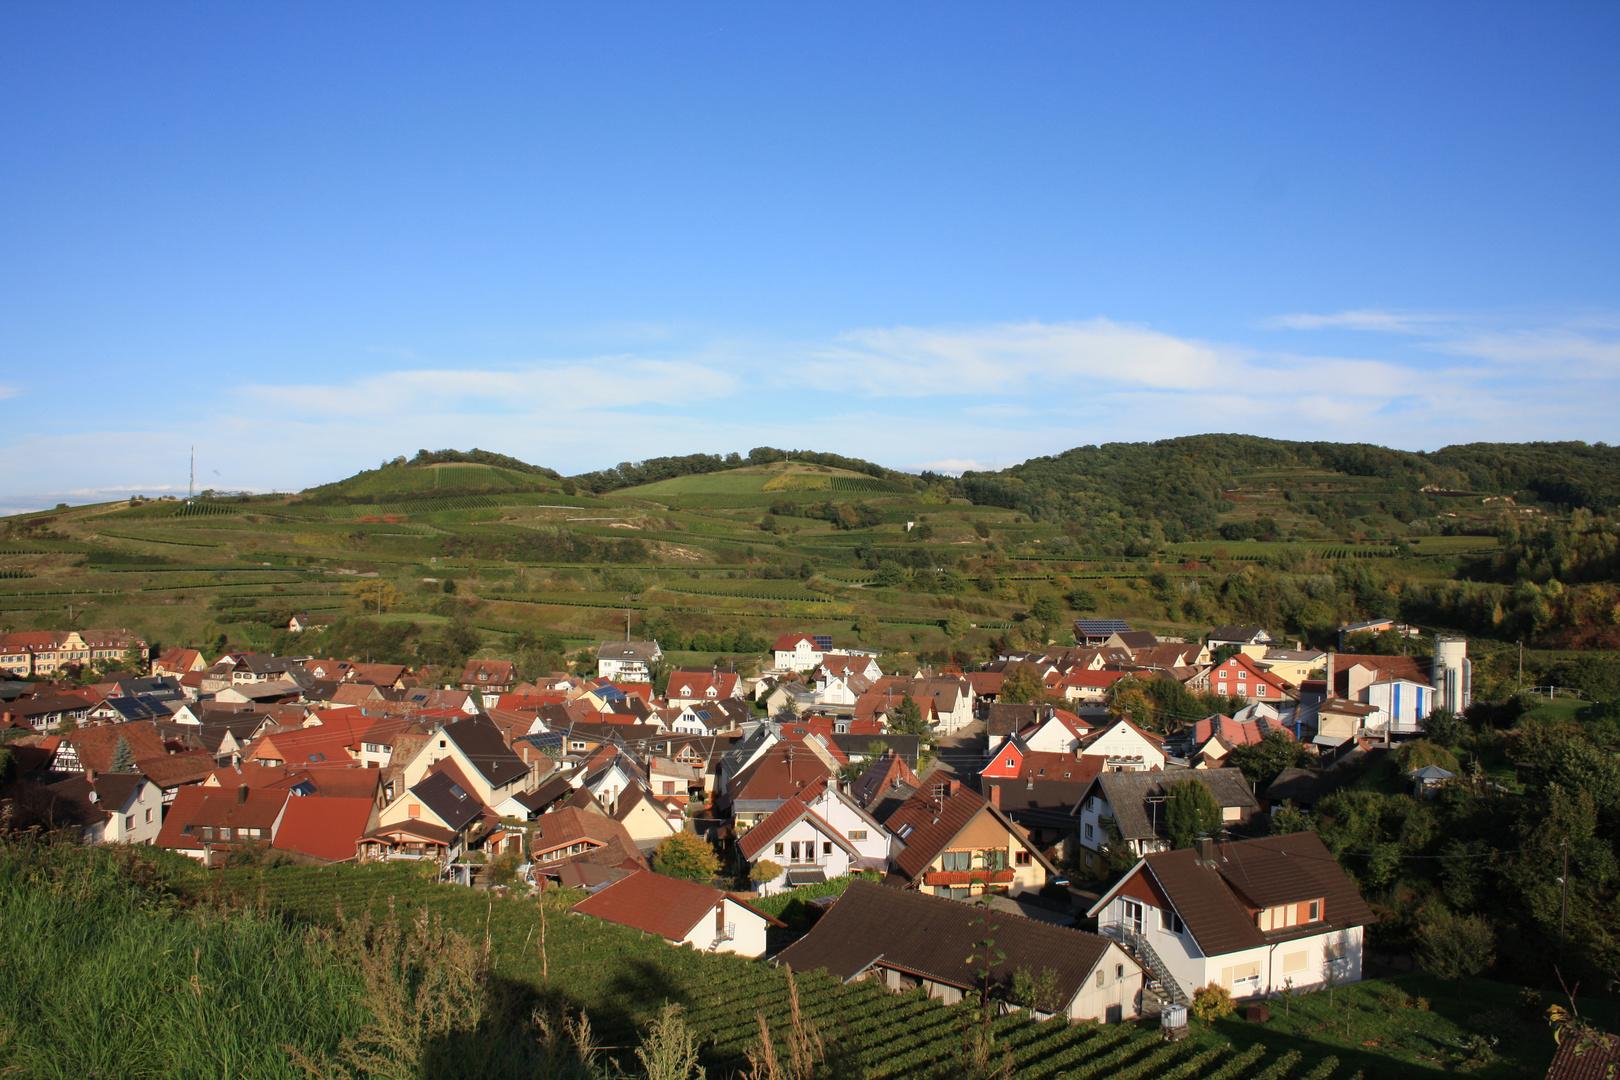 Kiechlinsbergen in Baden-Württemberg